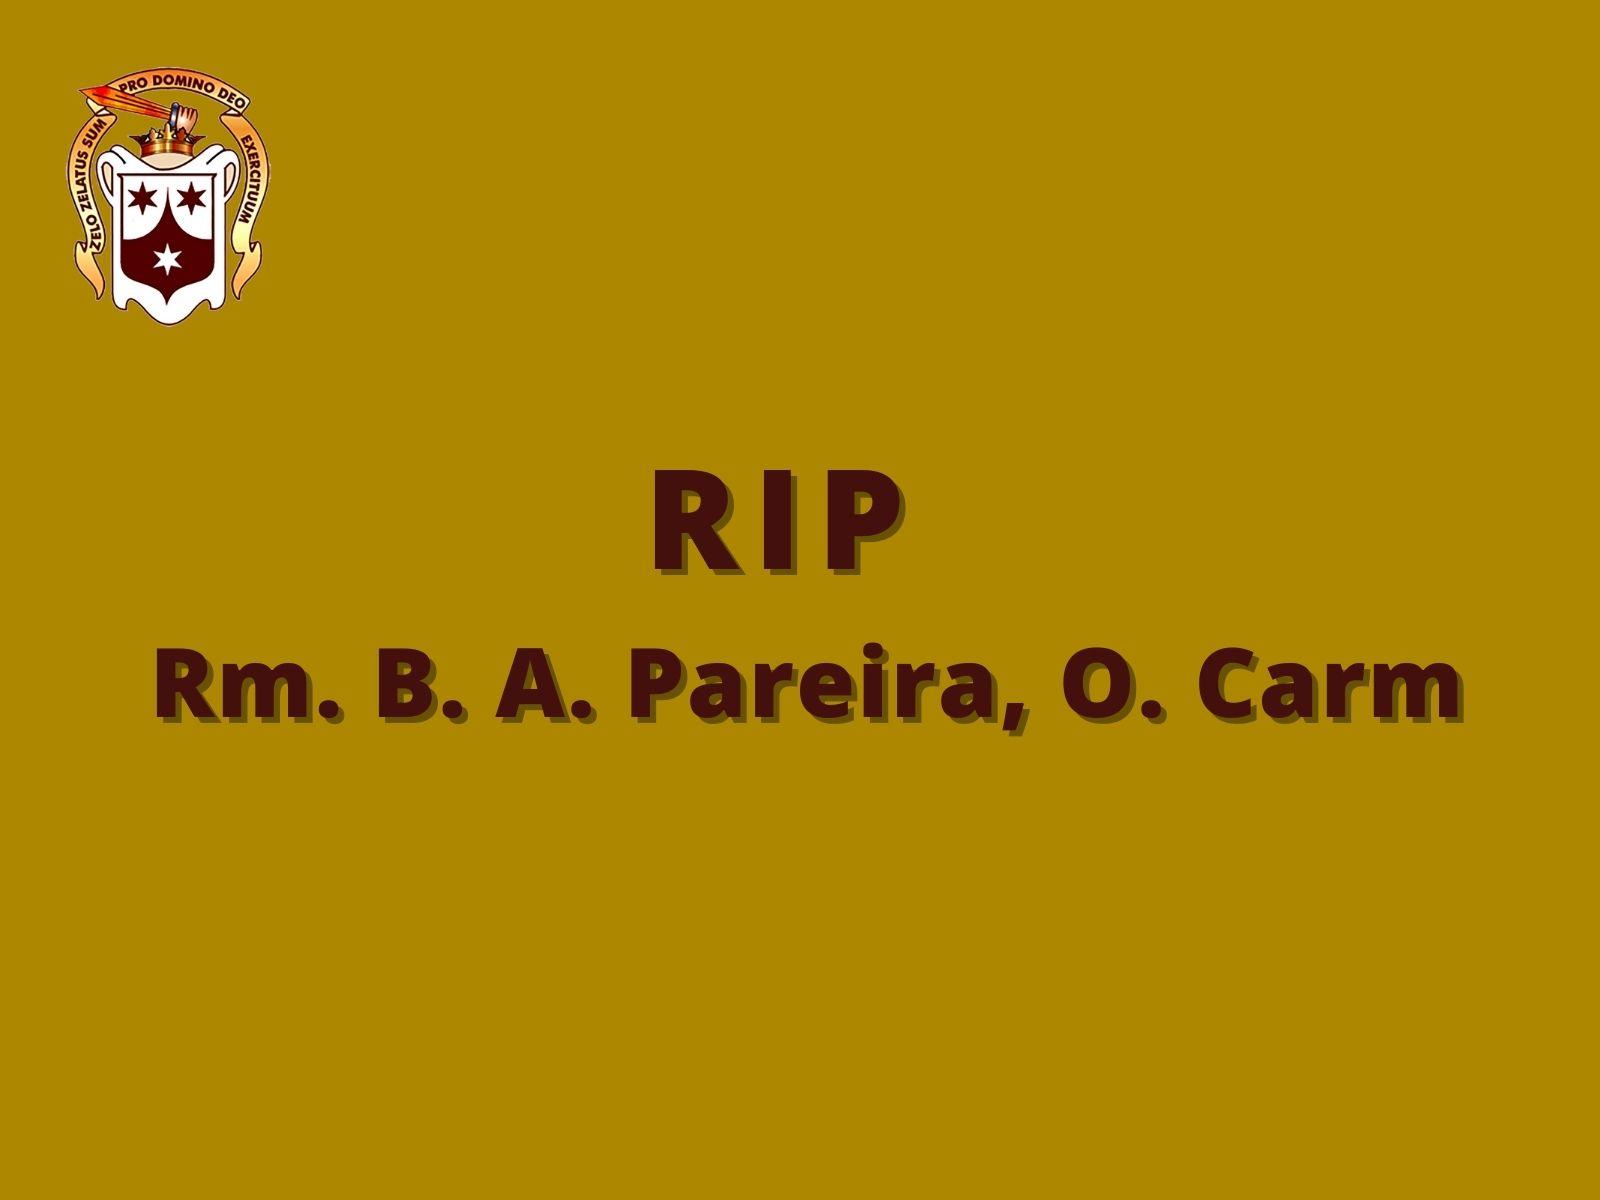 RIP: Rm. B. A. Pareira, O. Carm.